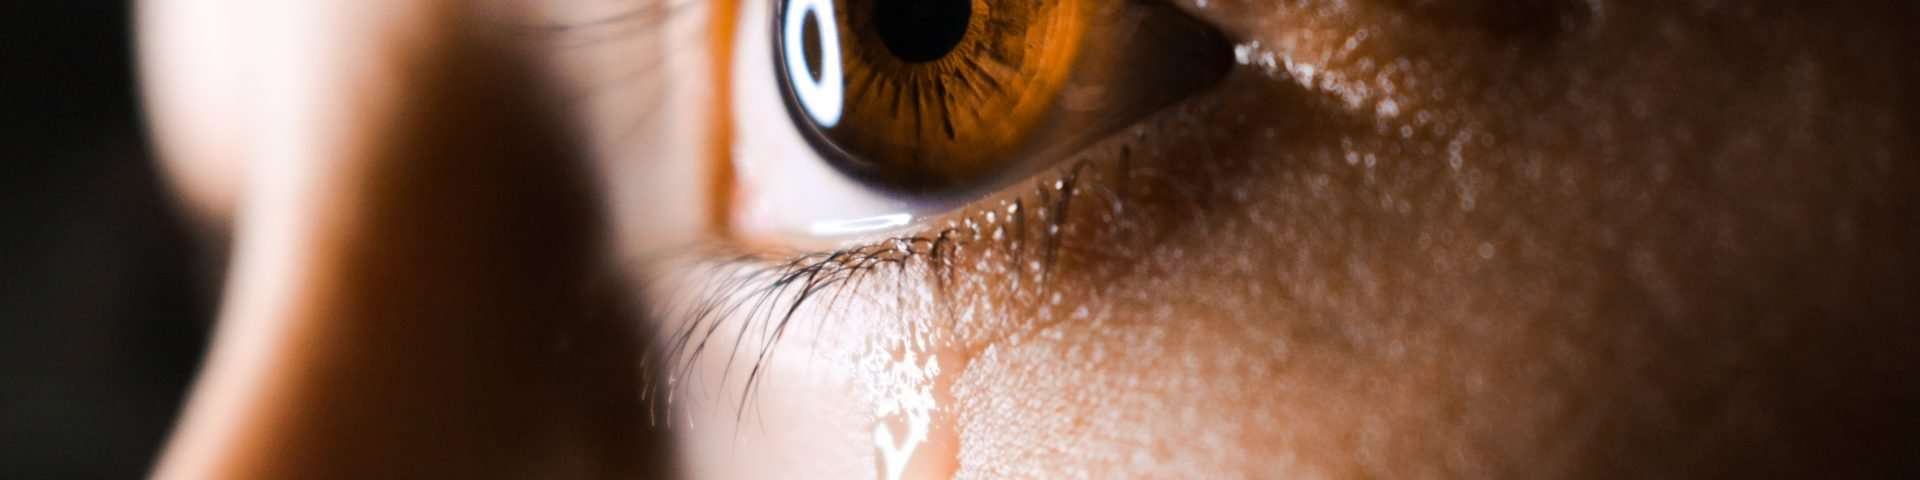 Tränen - Die Filter deiner Seele